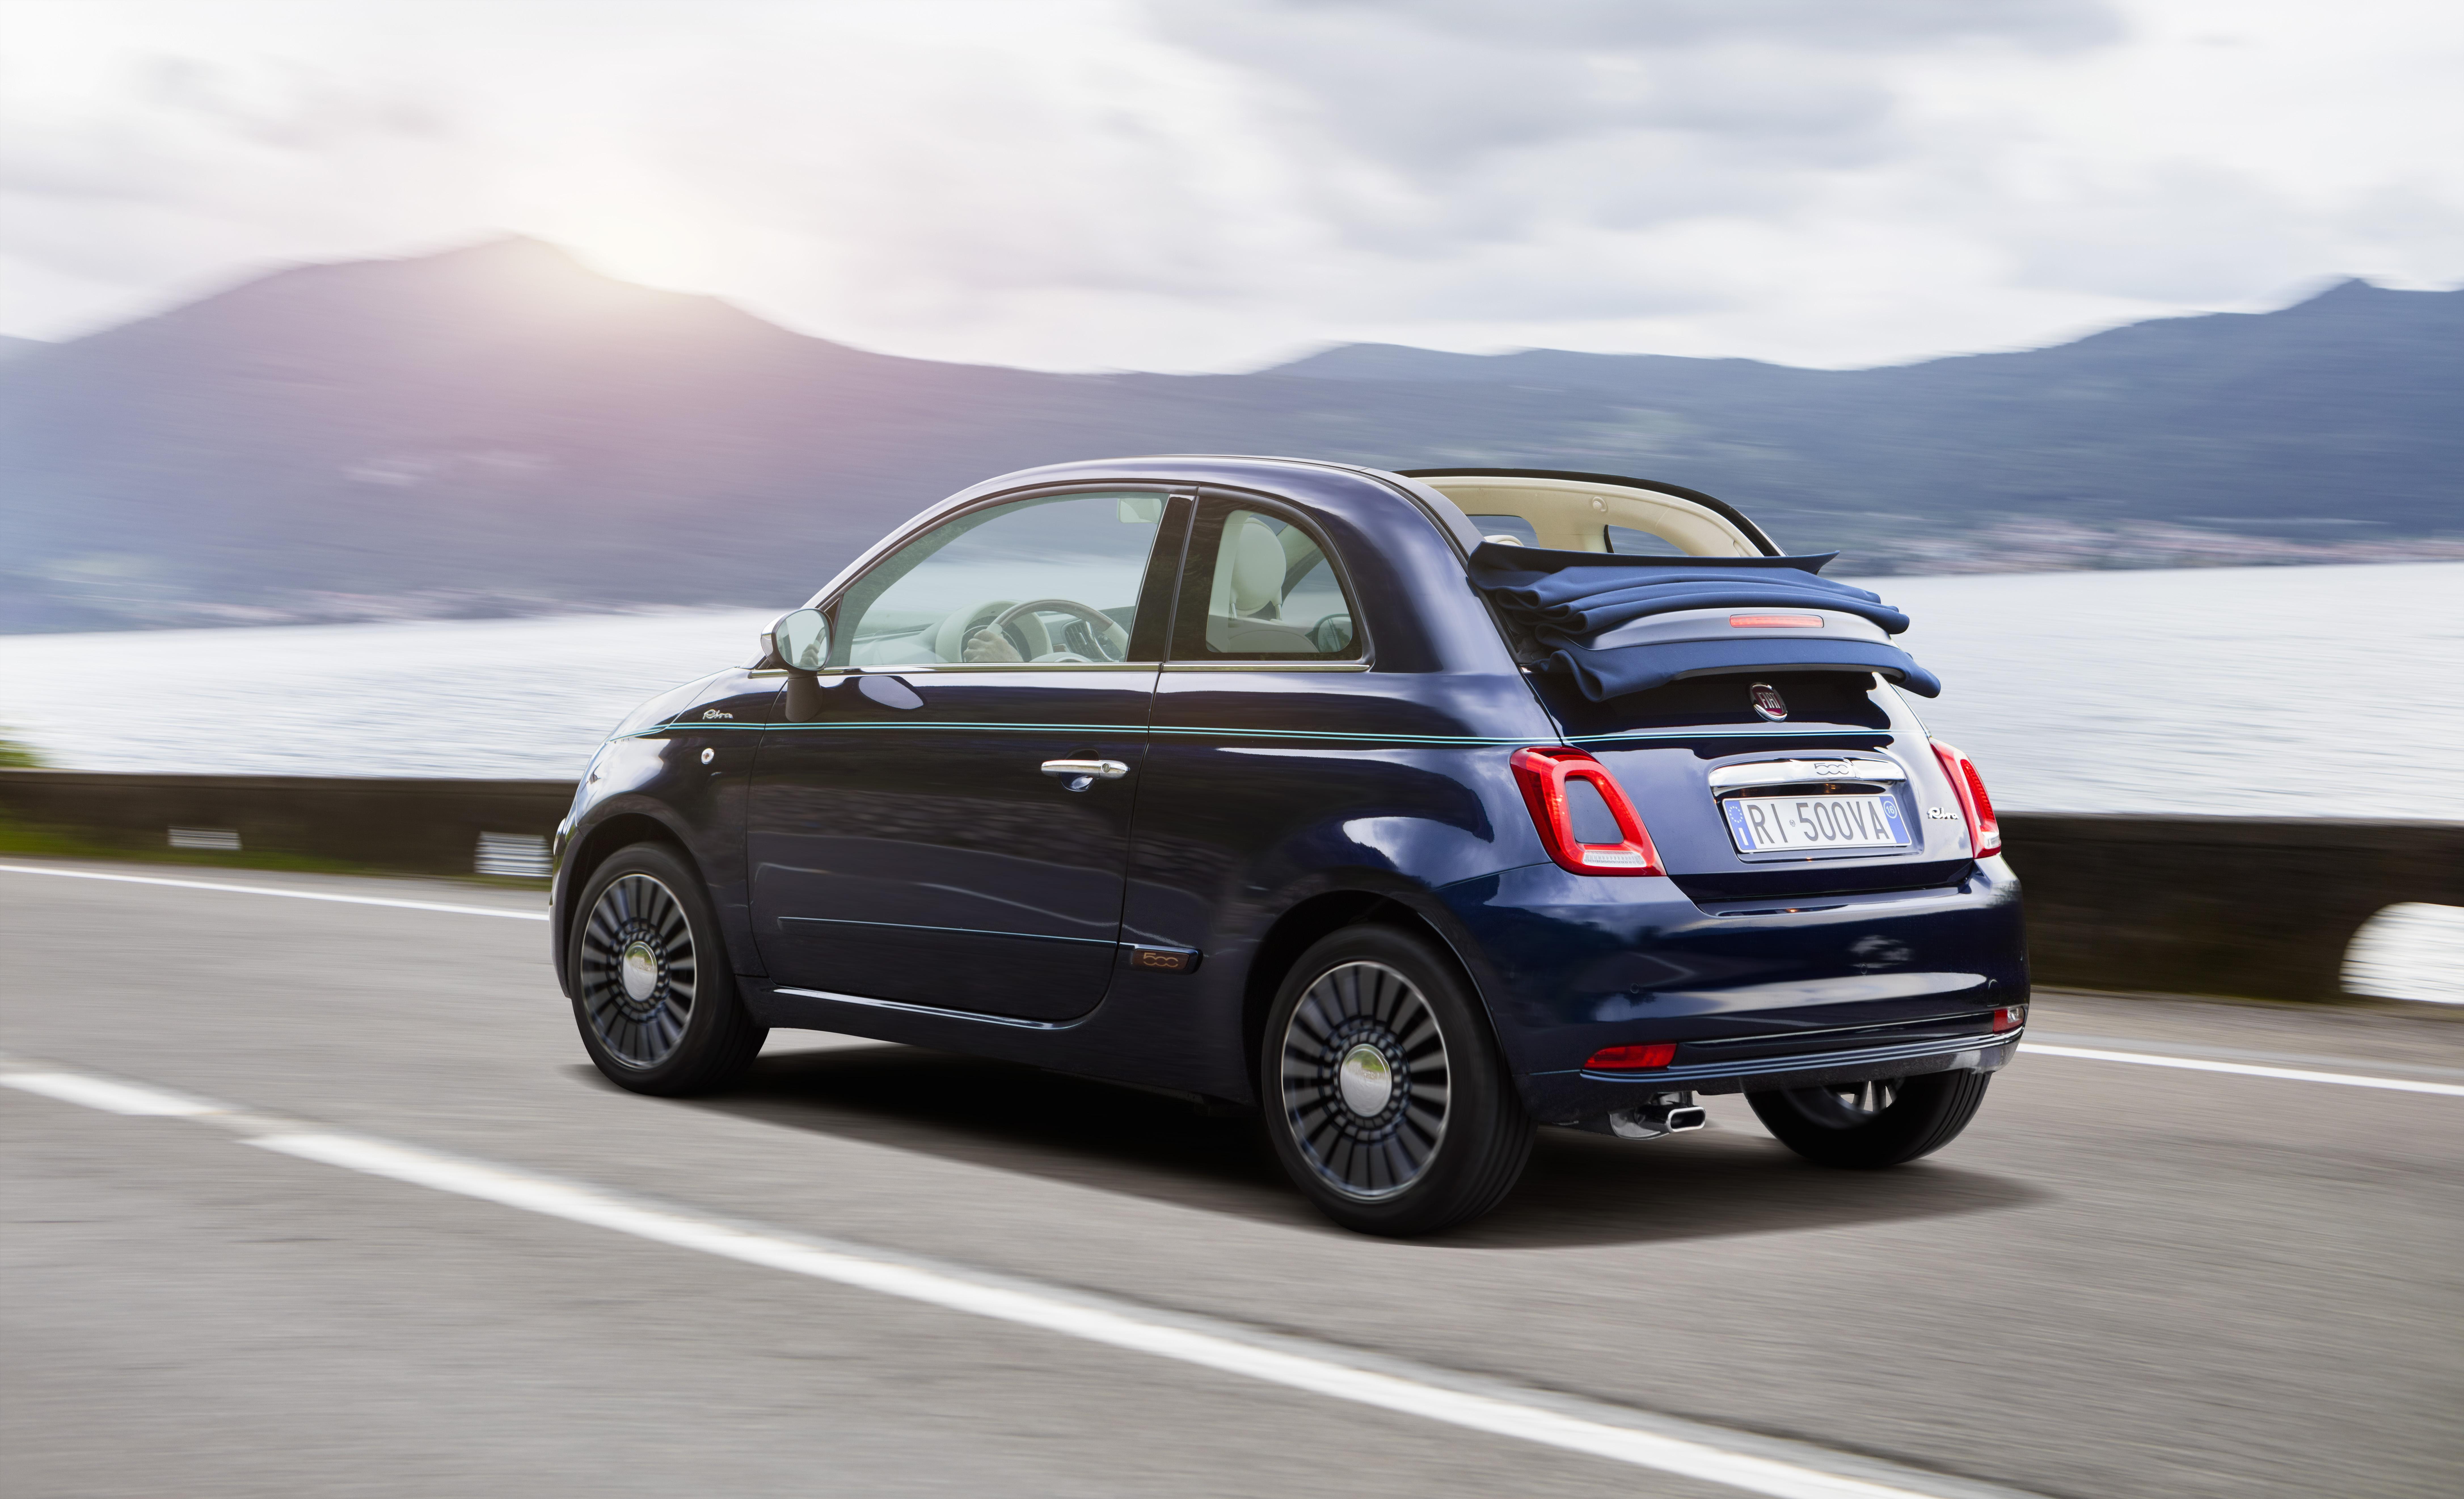 Das Cabrio des Fiat 500 Riva besitzt passend zur exklusiven, blauen Lackierung ebenfalls ein blaues Verdeck